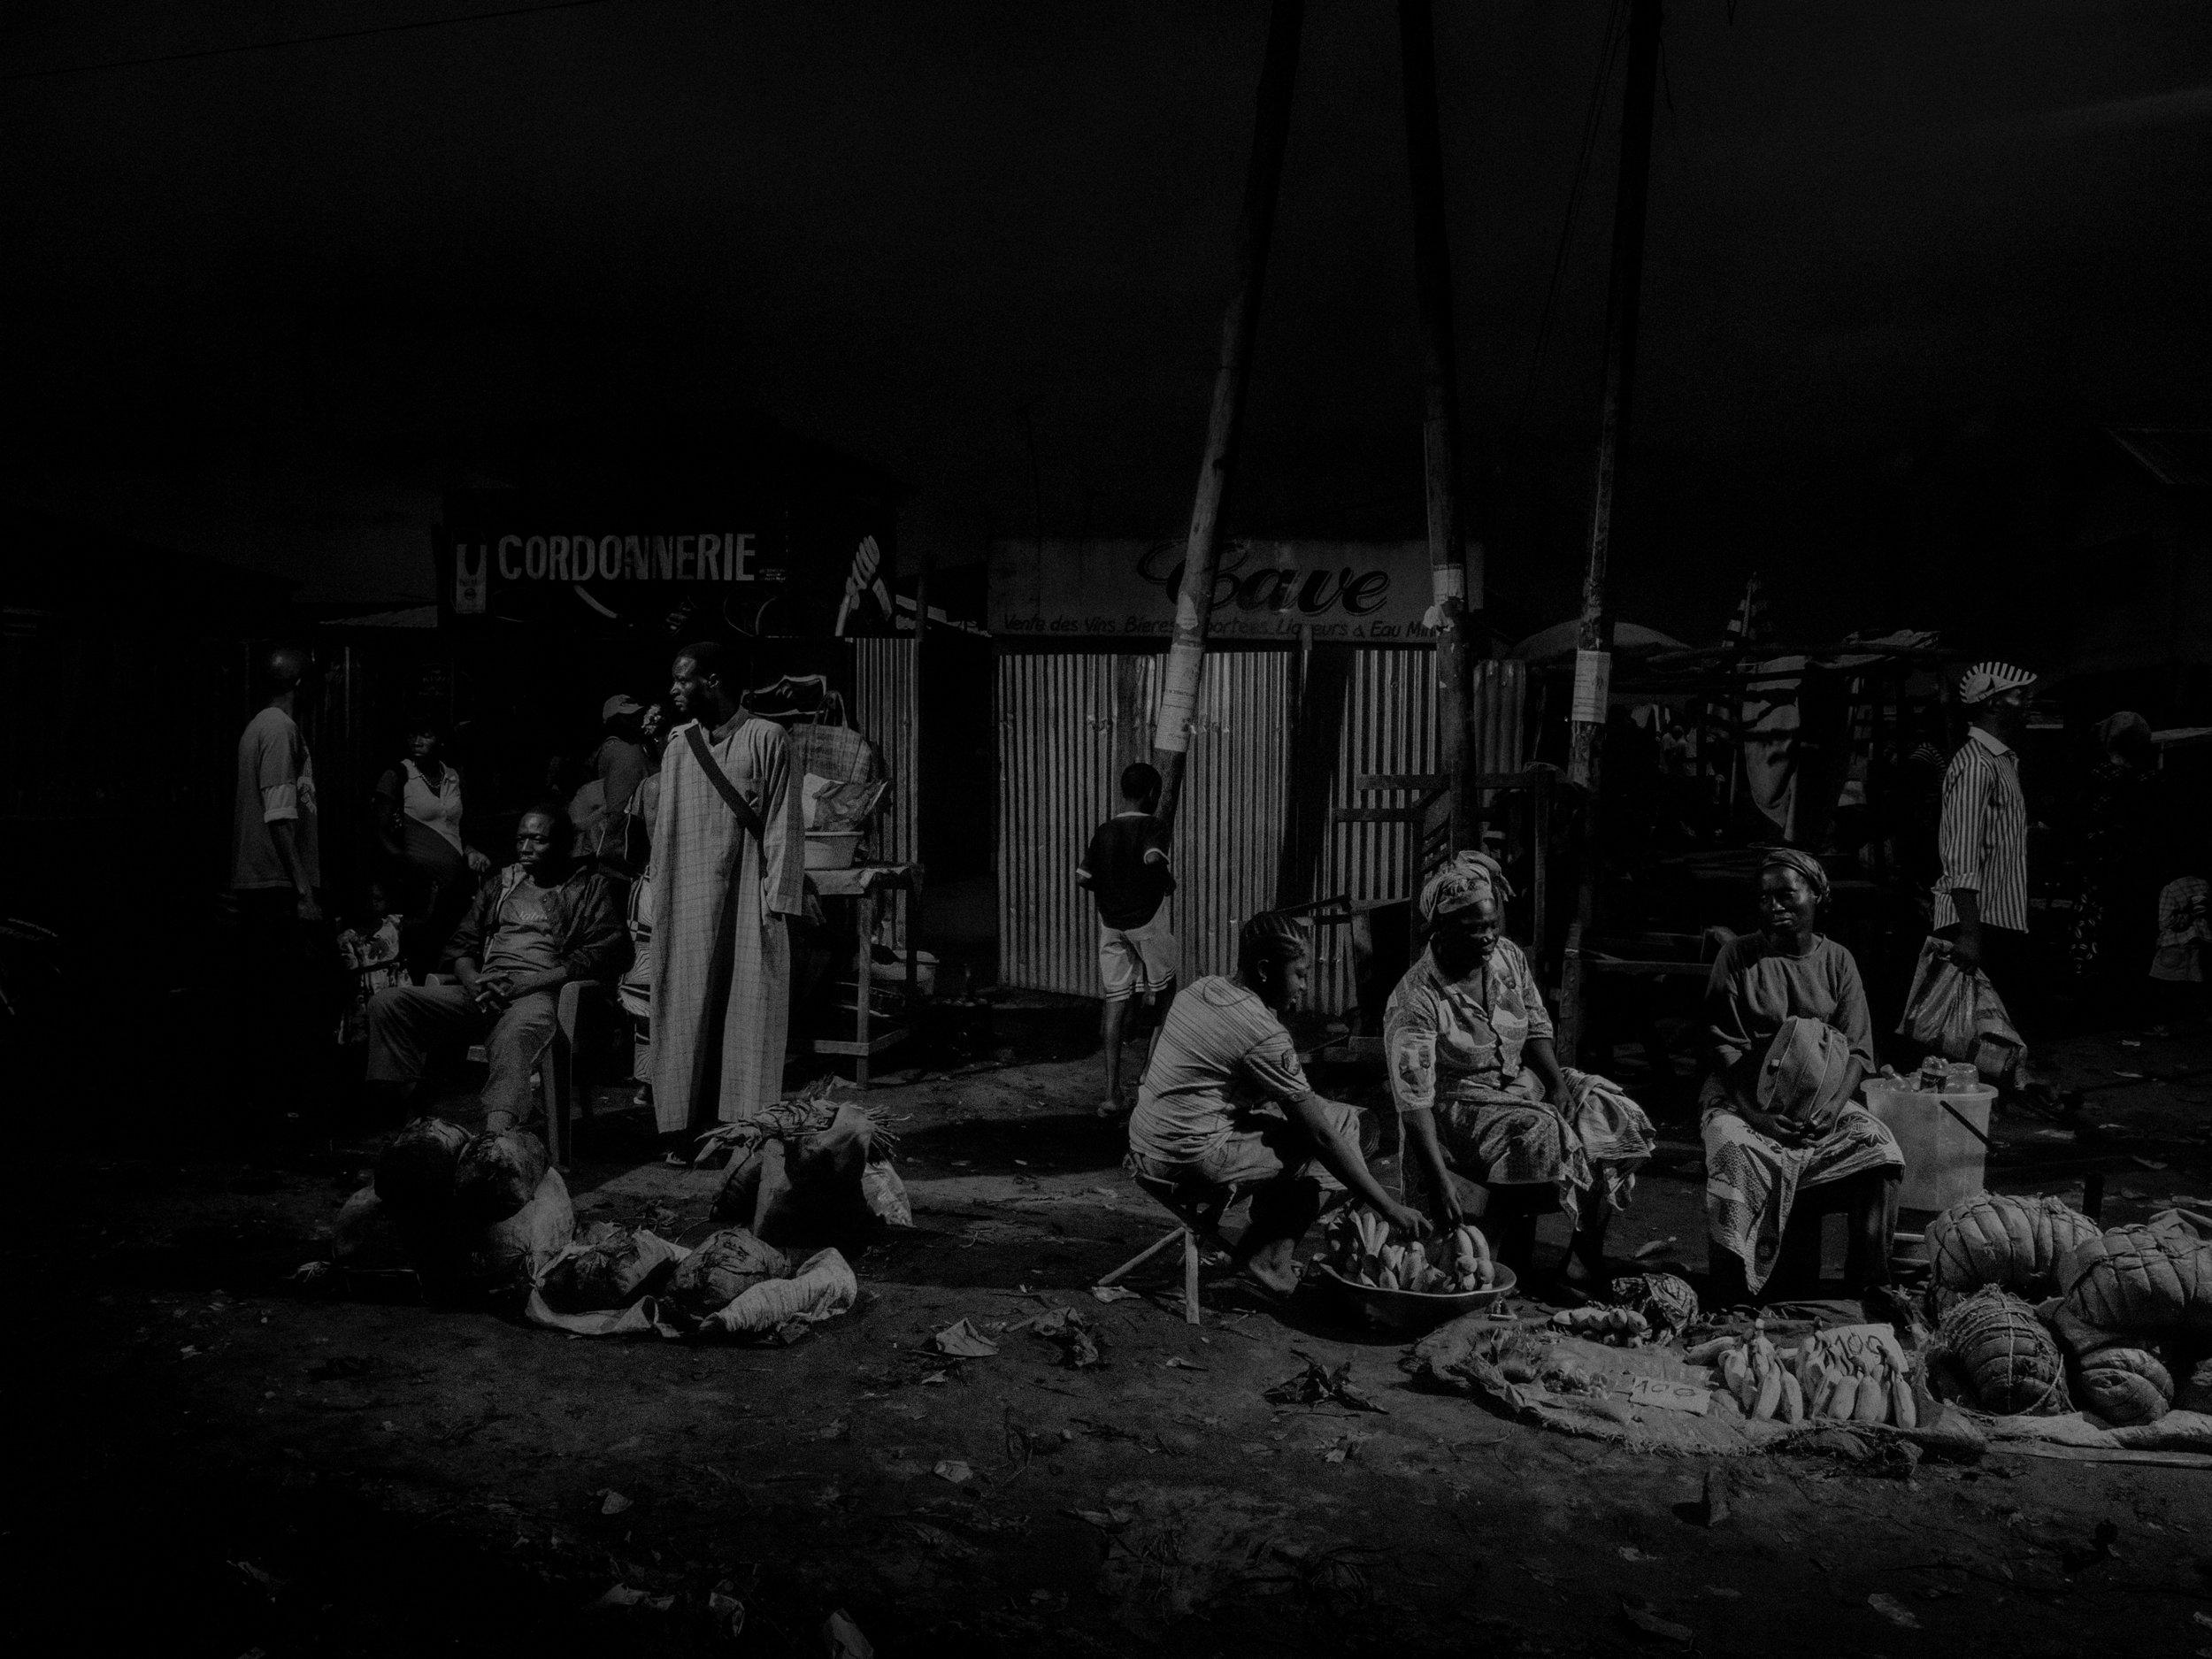 Alex Majoli, Scene #1095, Pointe Noire, Congo 4/5, 2013.